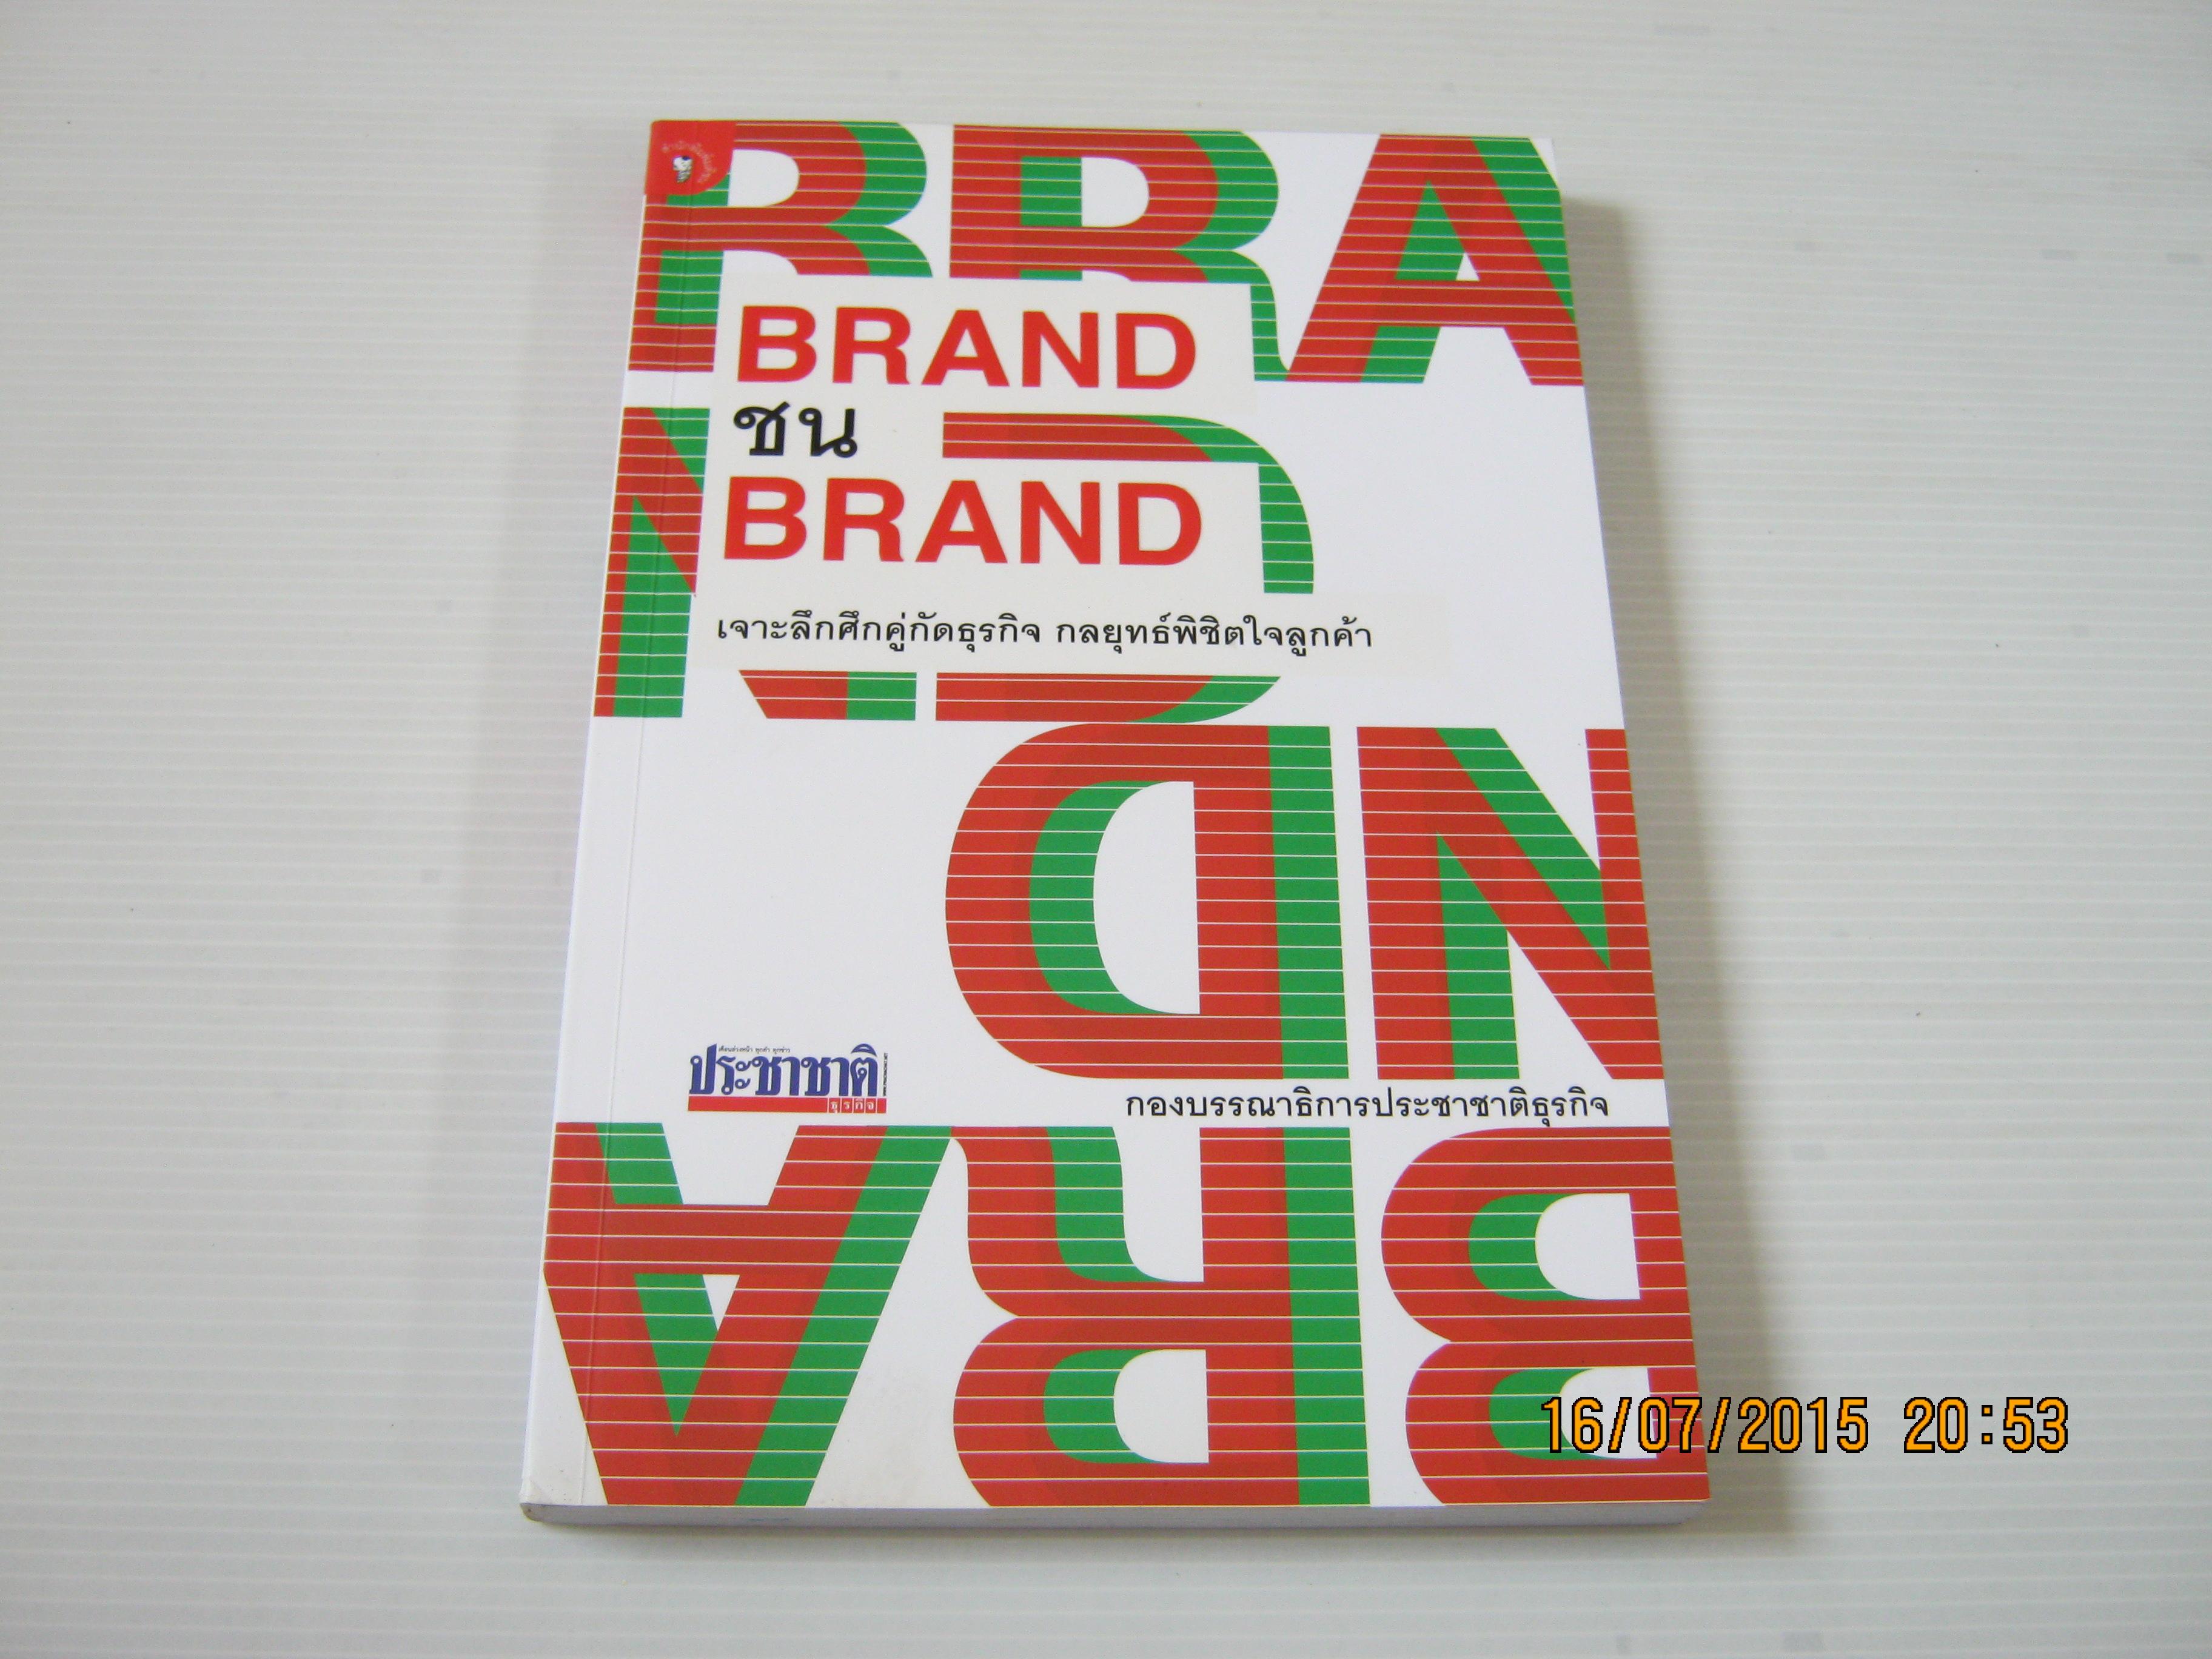 ฺBRAND ชน BRAND โดย กองบรรณาธิการประชาชาติธุรกิจ